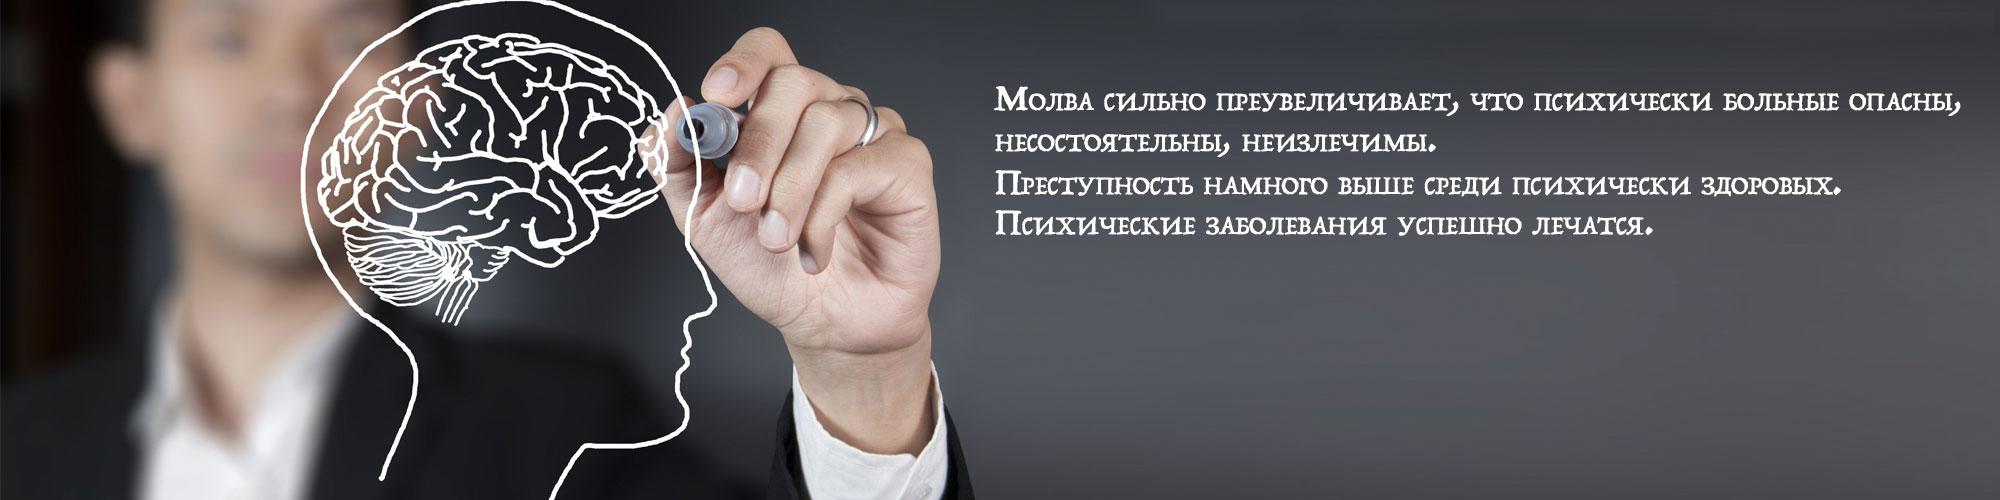 13e5a78b8e4c Права граждан с психическими расстройствами - npar.ru